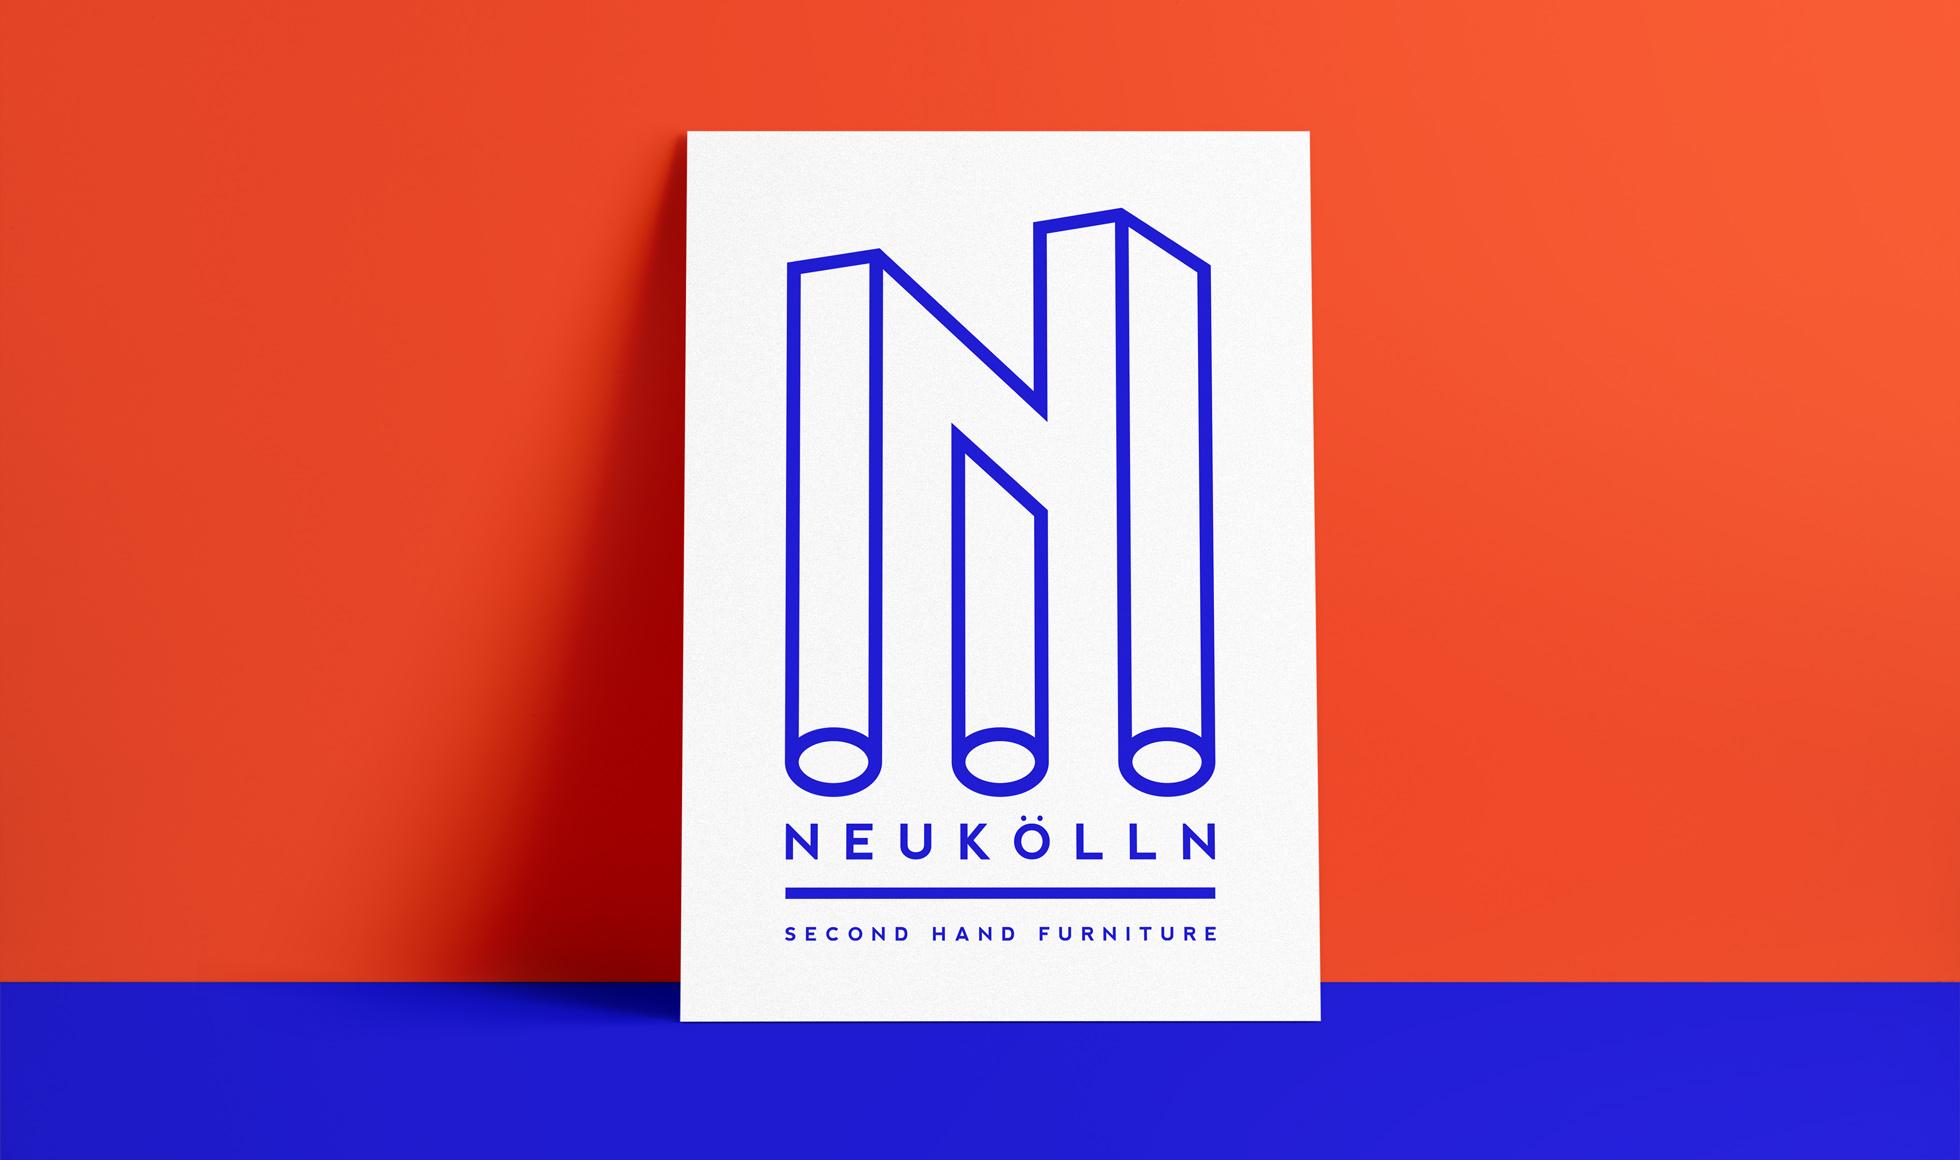 NEUKOLLN-1960116001